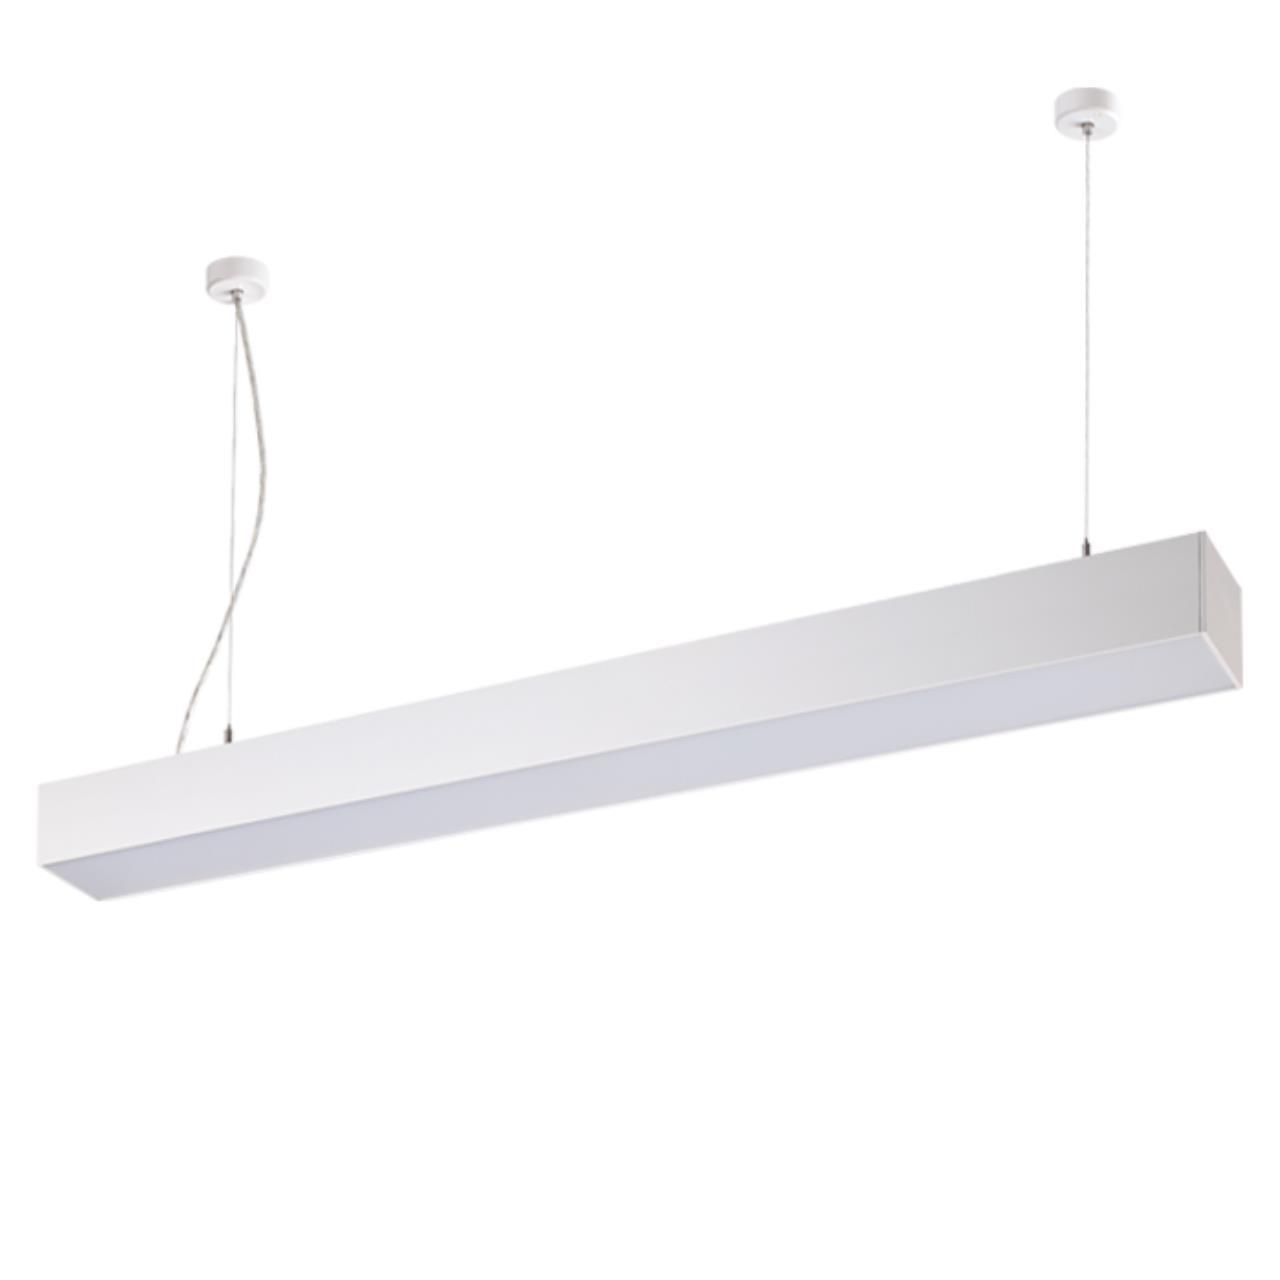 358055 OVER NT19 053 белый Подвесной светильник IP20 LED 4000К вверх 20W + вниз 30W 220V ITER